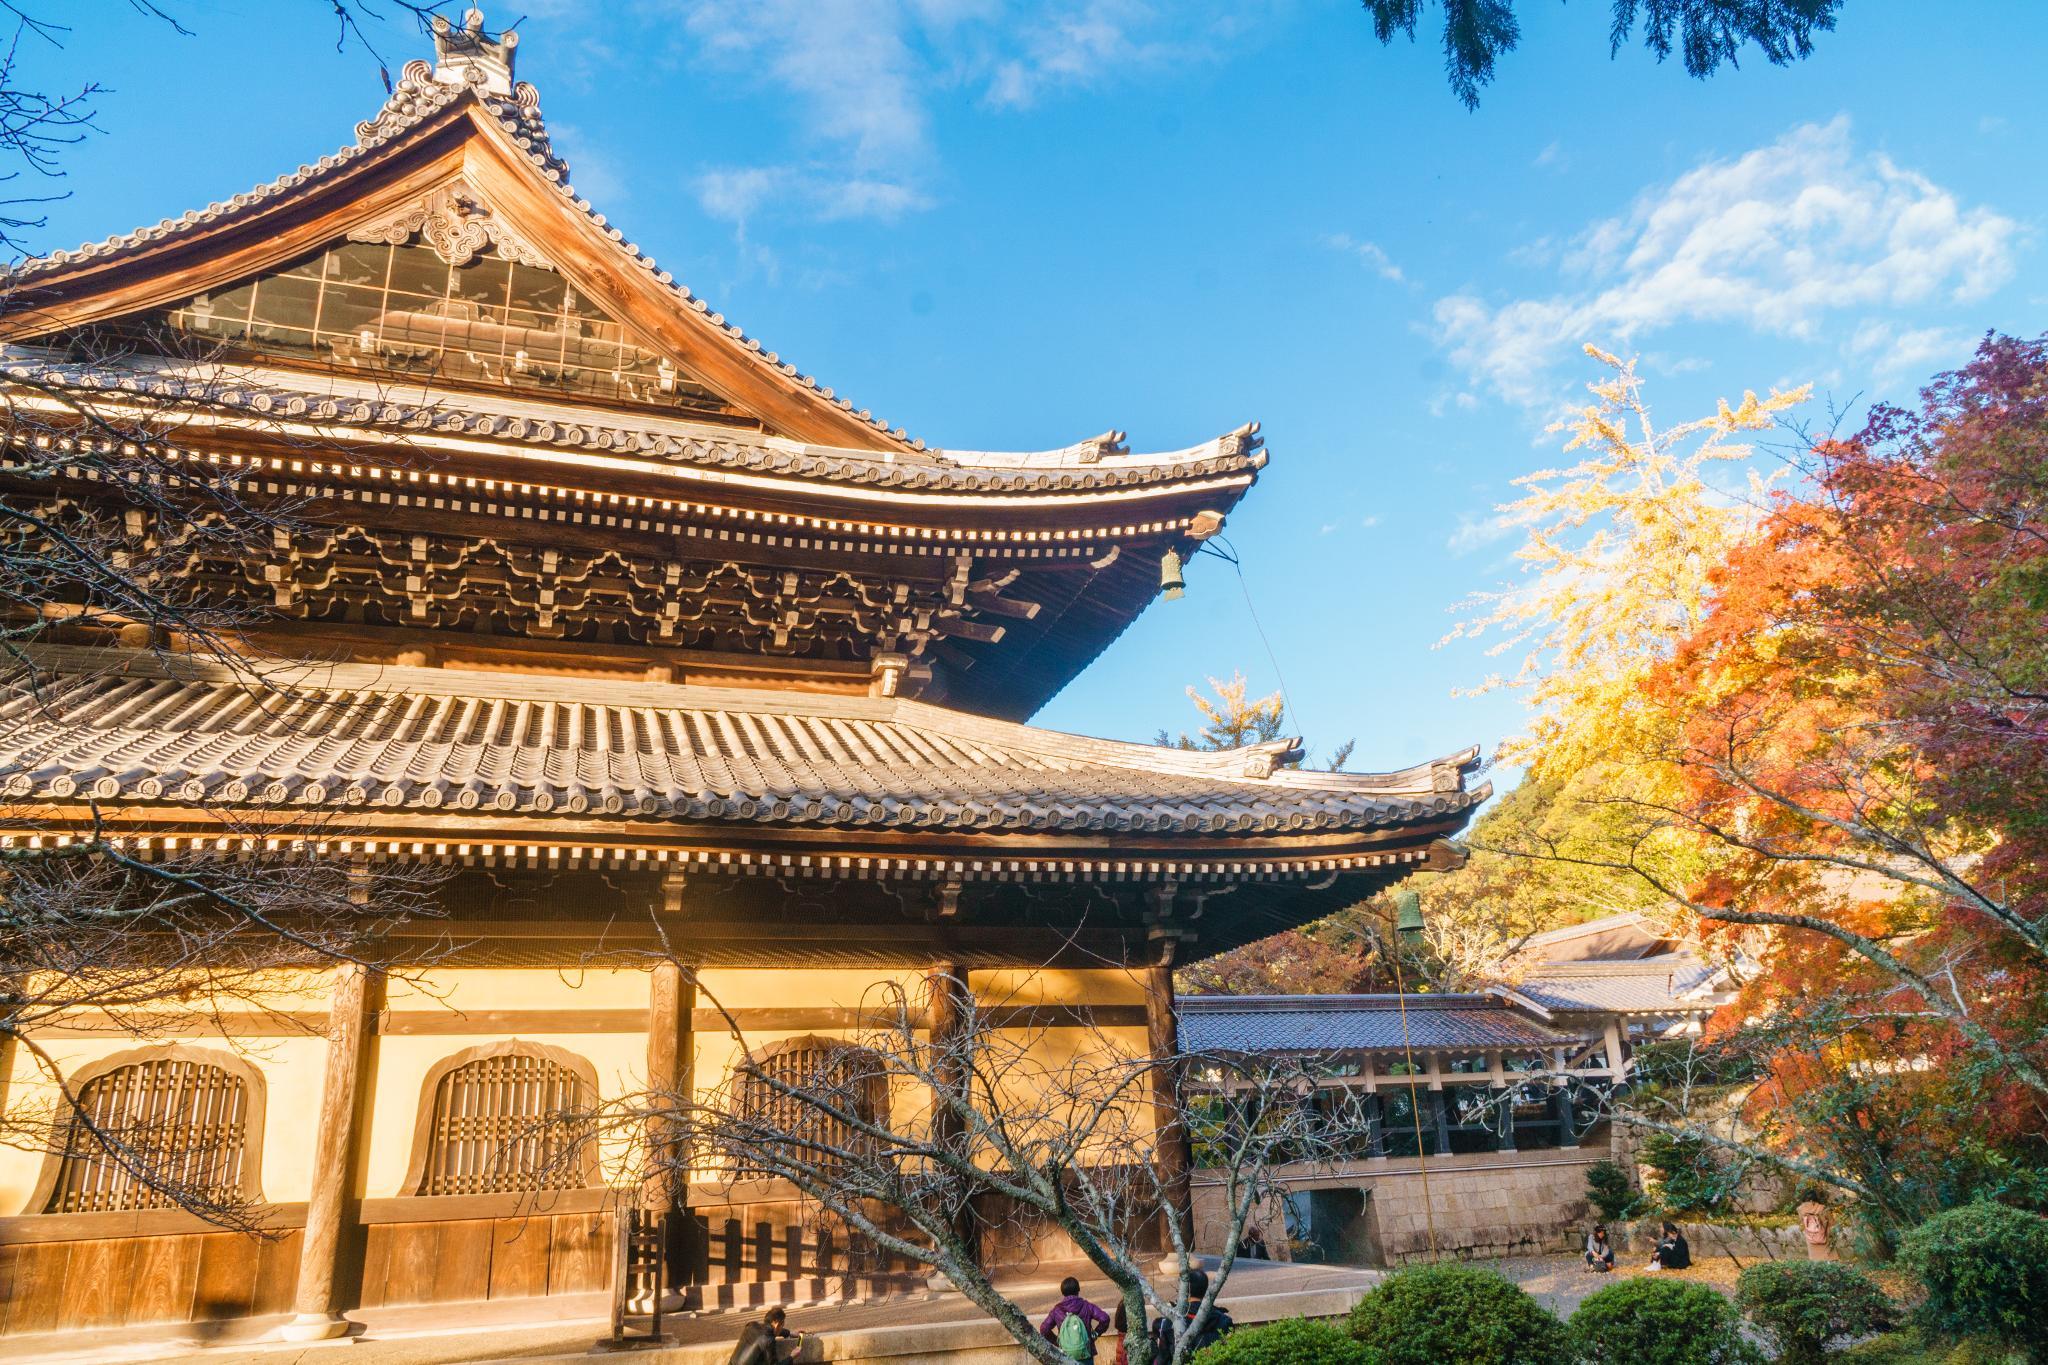 【京都】秋光葉影的古寺散策 - 南禪寺 107